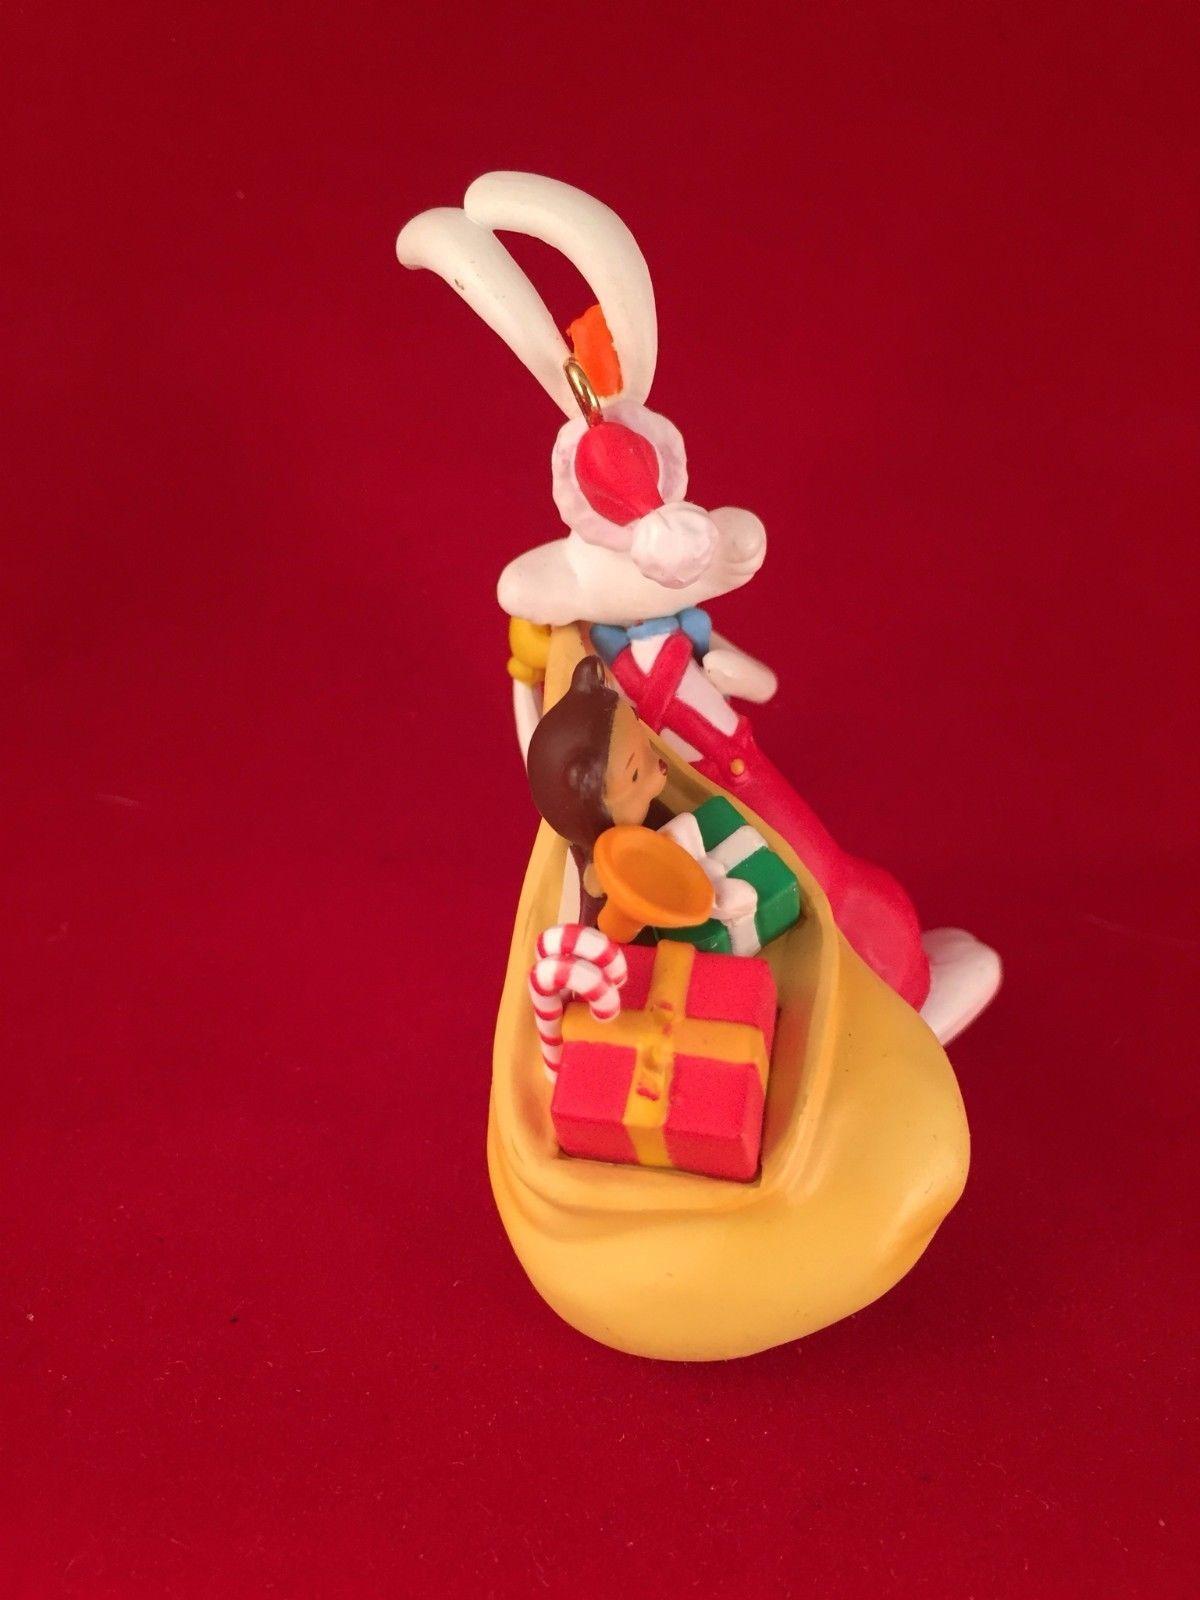 Roger Rabbit Disney Grolier Christmas Magic Ornament 115 Who Framed Roger Rabbit